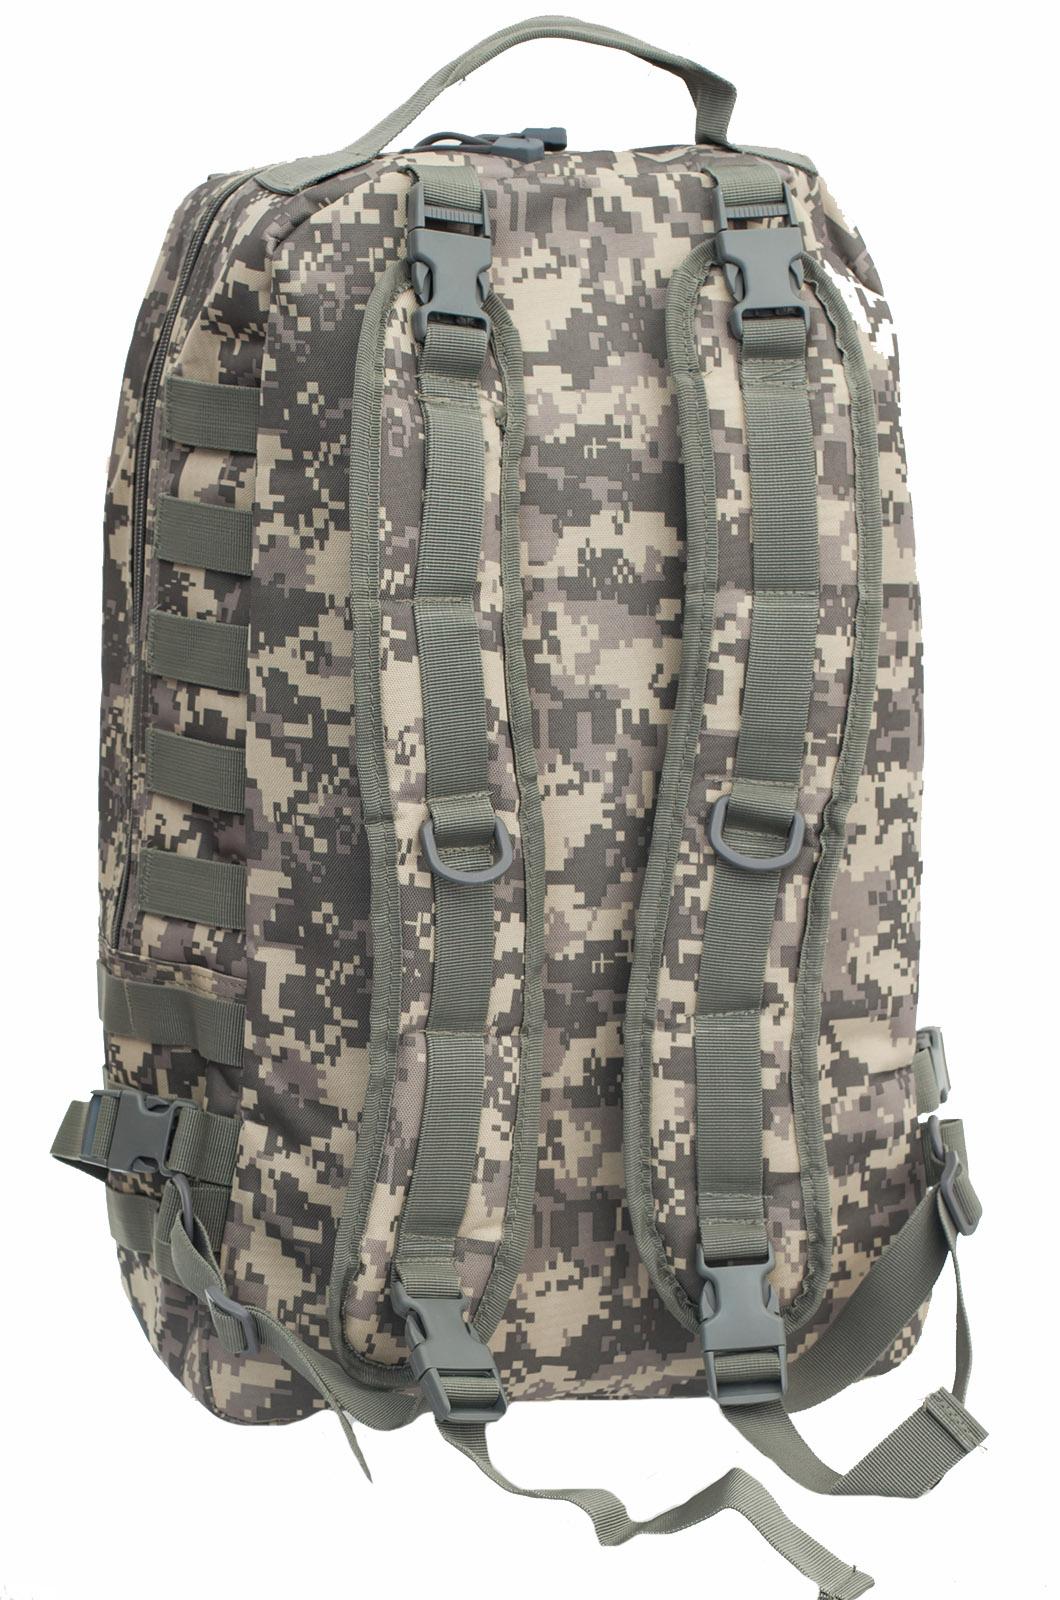 Камуфляжный крутой рюкзак с нашивкой Русская Охота - заказать с доставкой